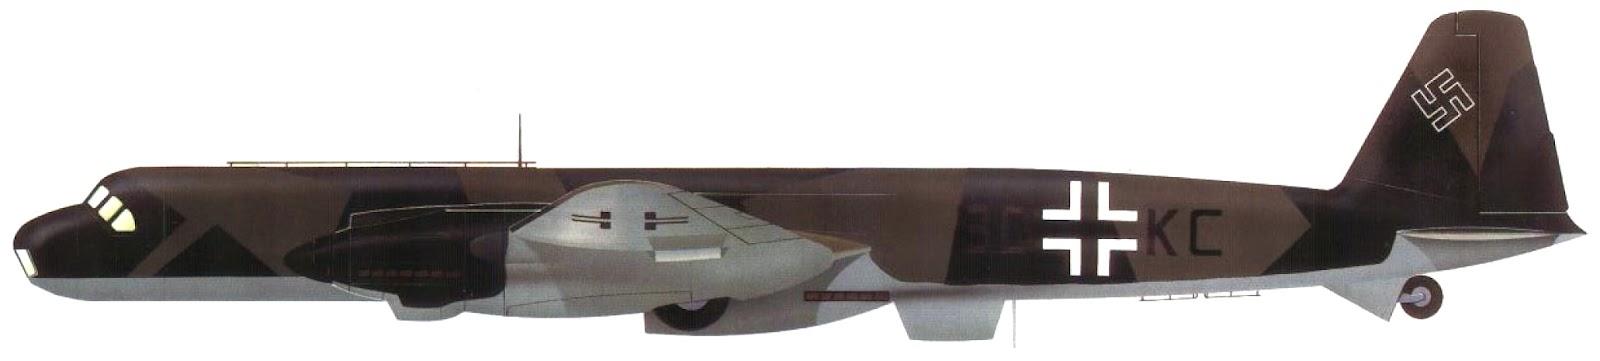 HenschelHs-130E-0